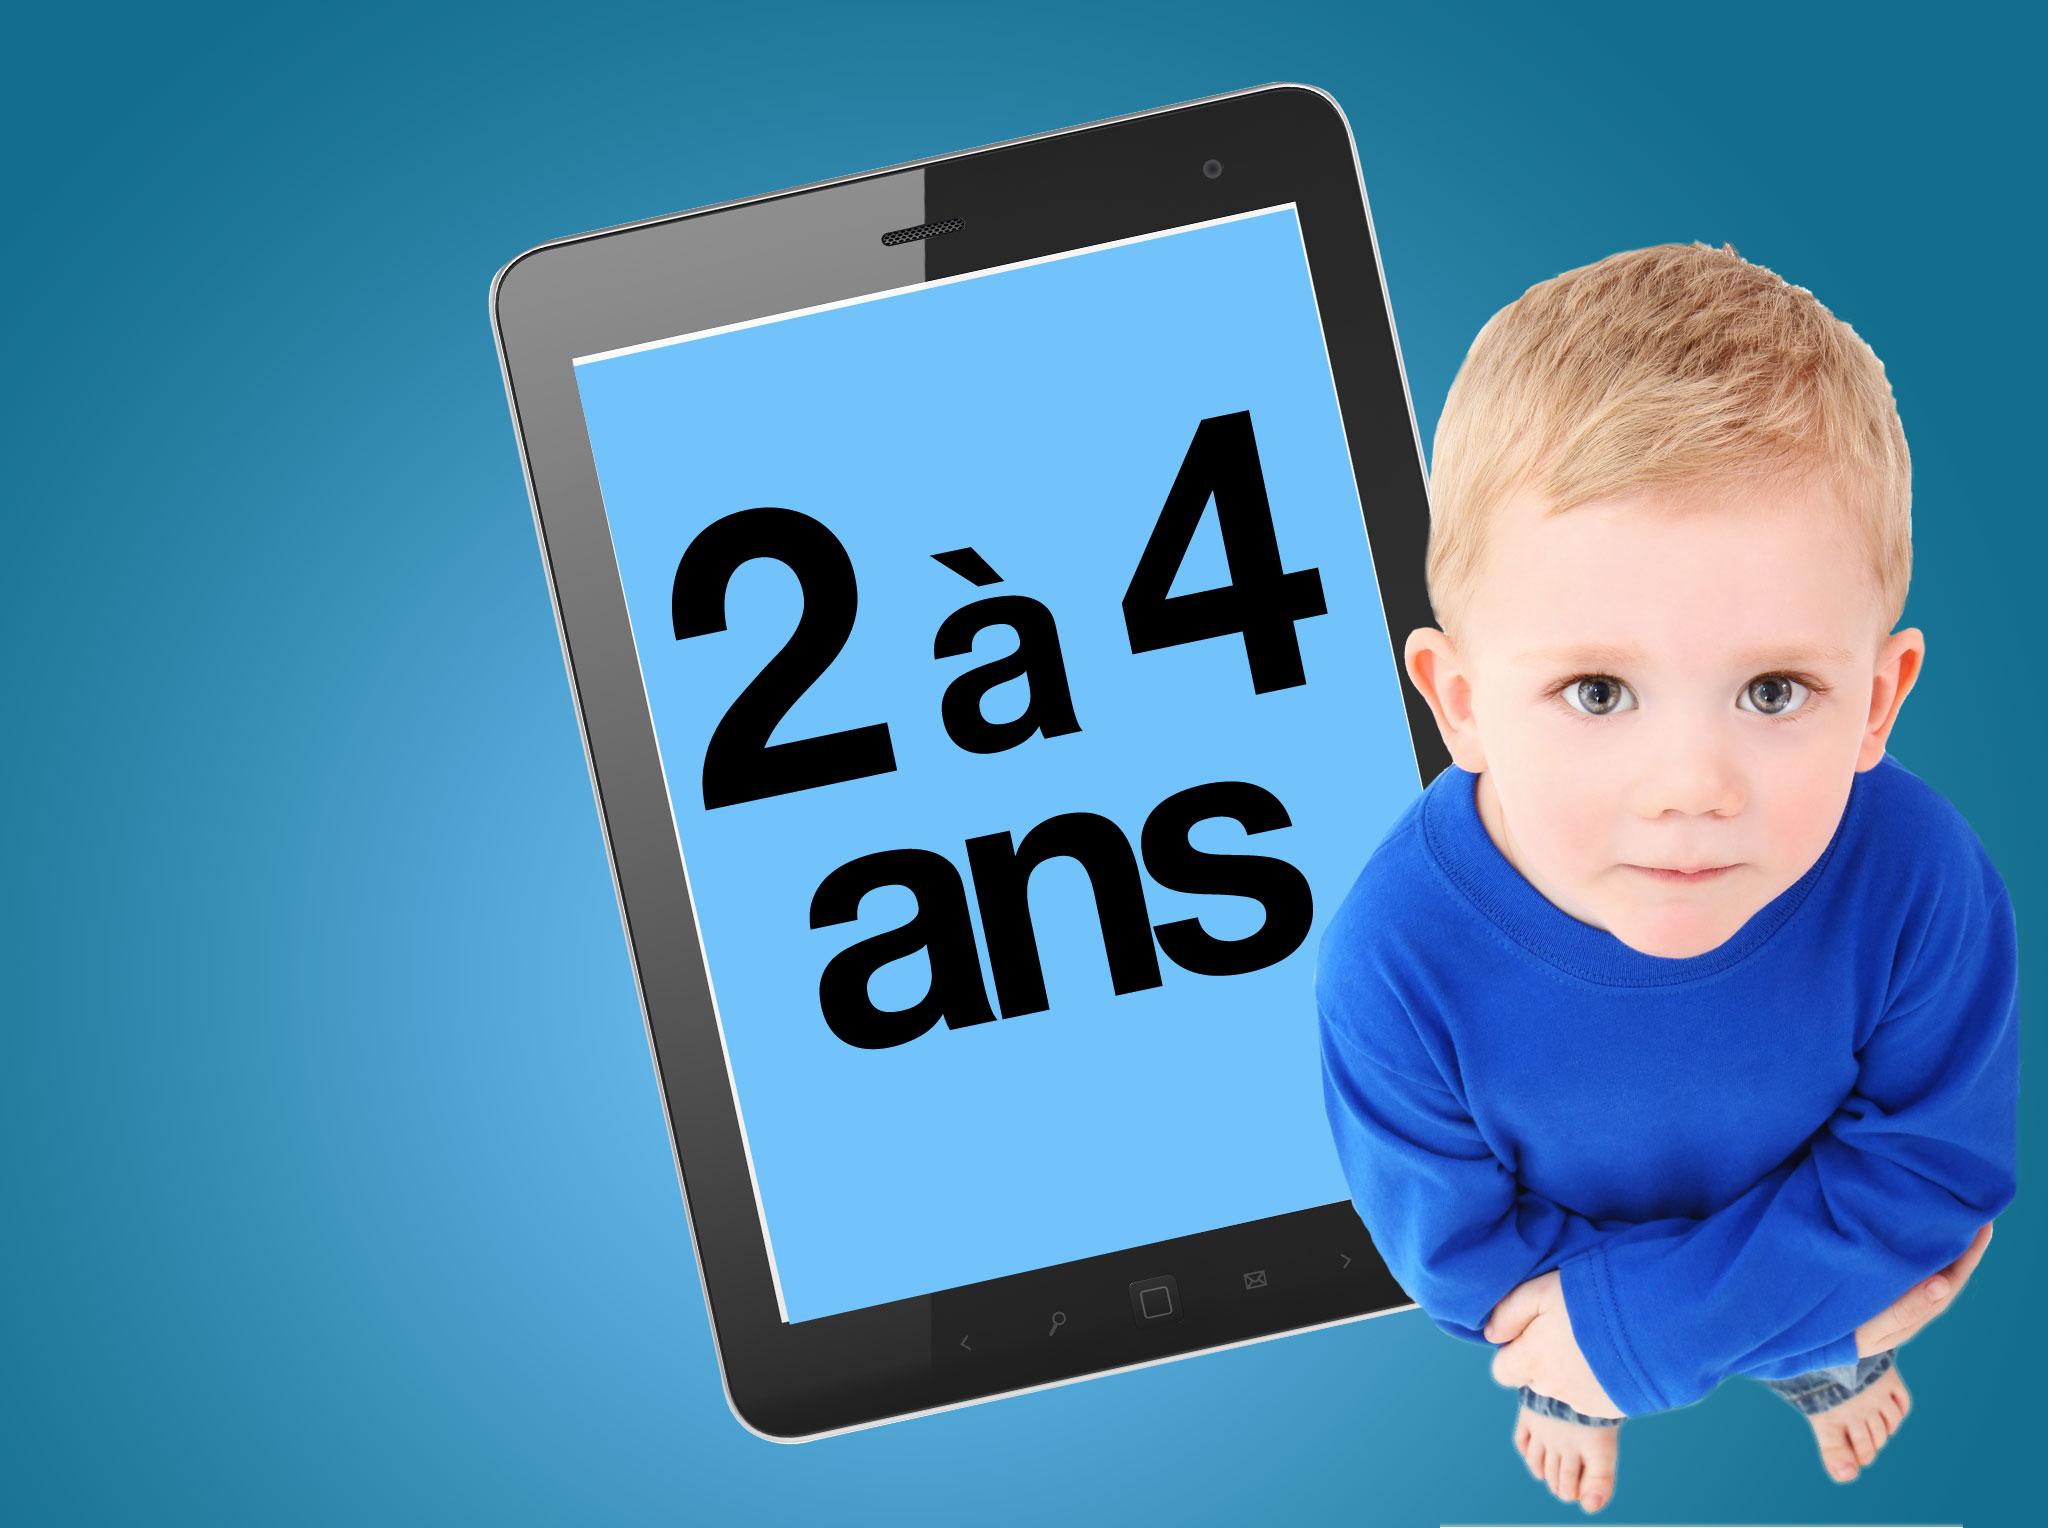 Jeux Sur Tablette: 64 Choix Pour Enfants | Protégez-Vous.ca destiné Jeux Pour Bébé En Ligne 2 Ans